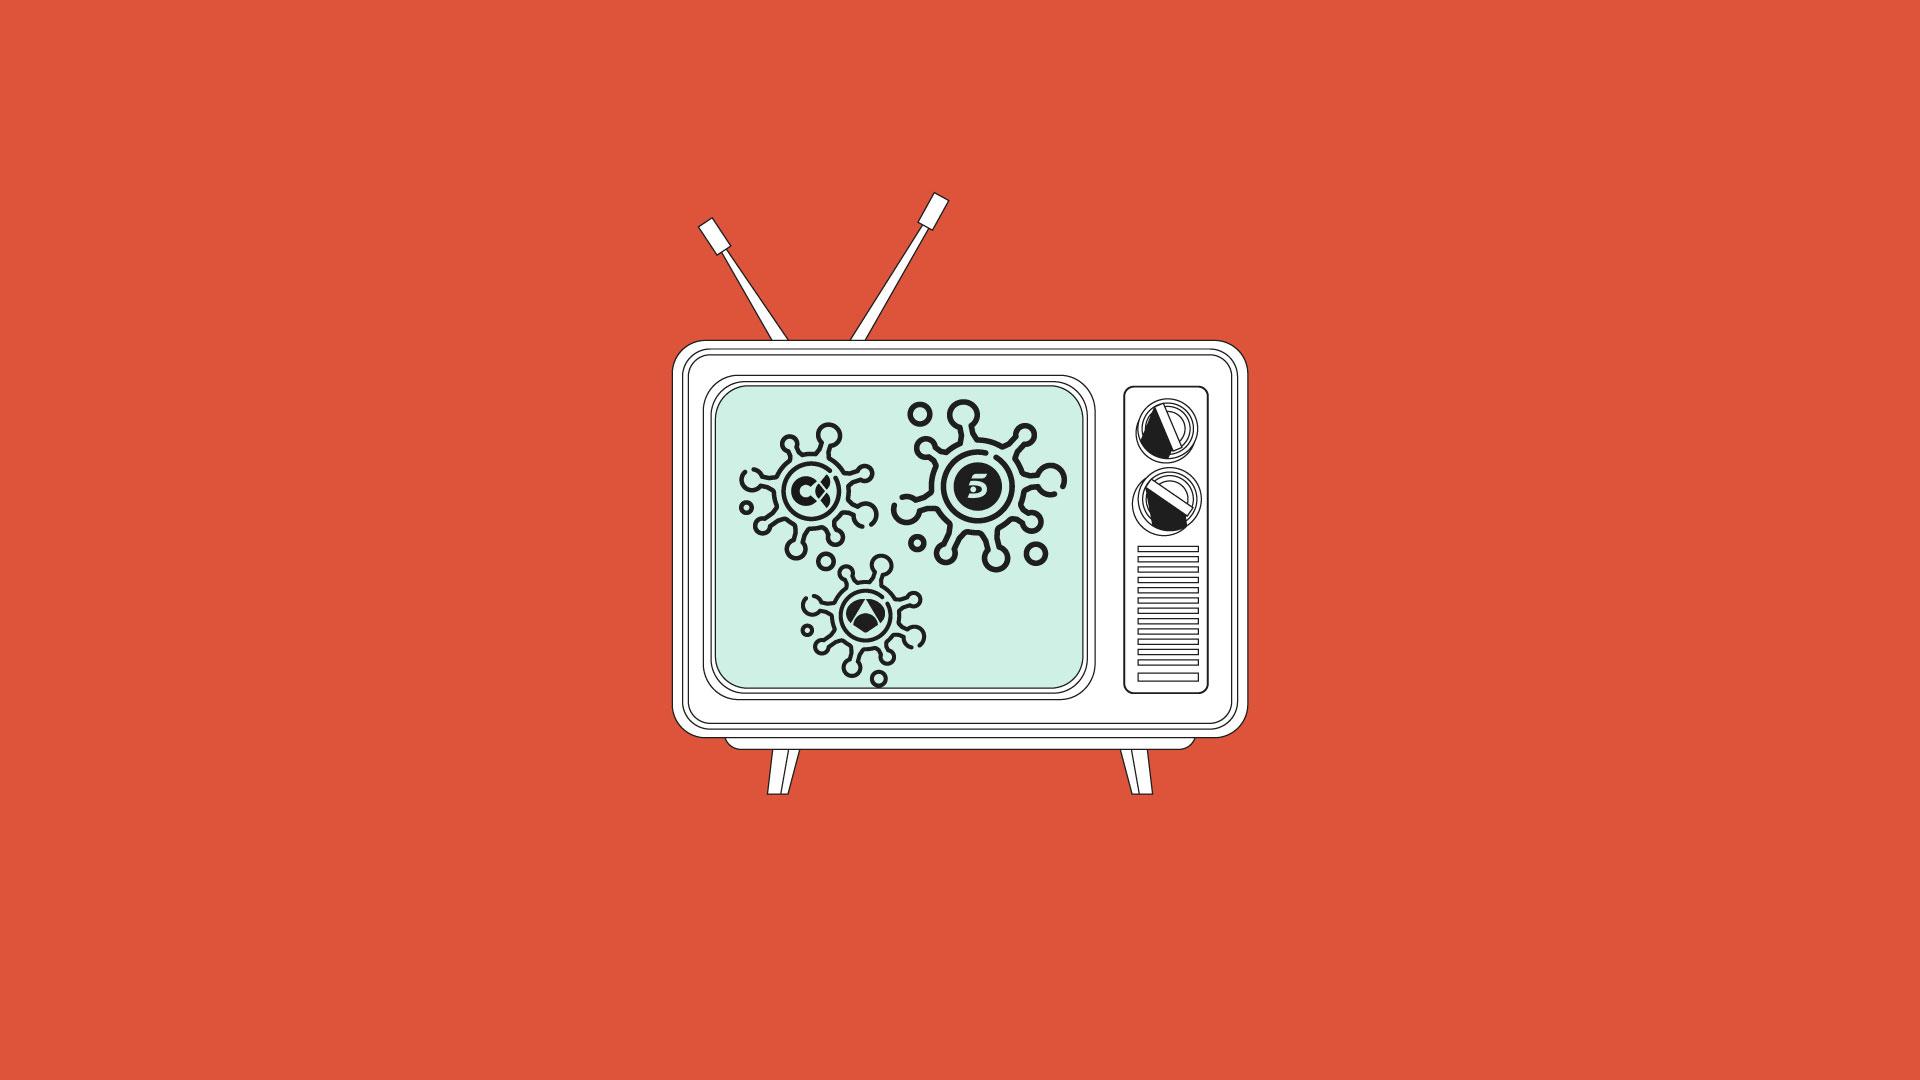 La Televisión bate récords de audiencia por el COVID-19